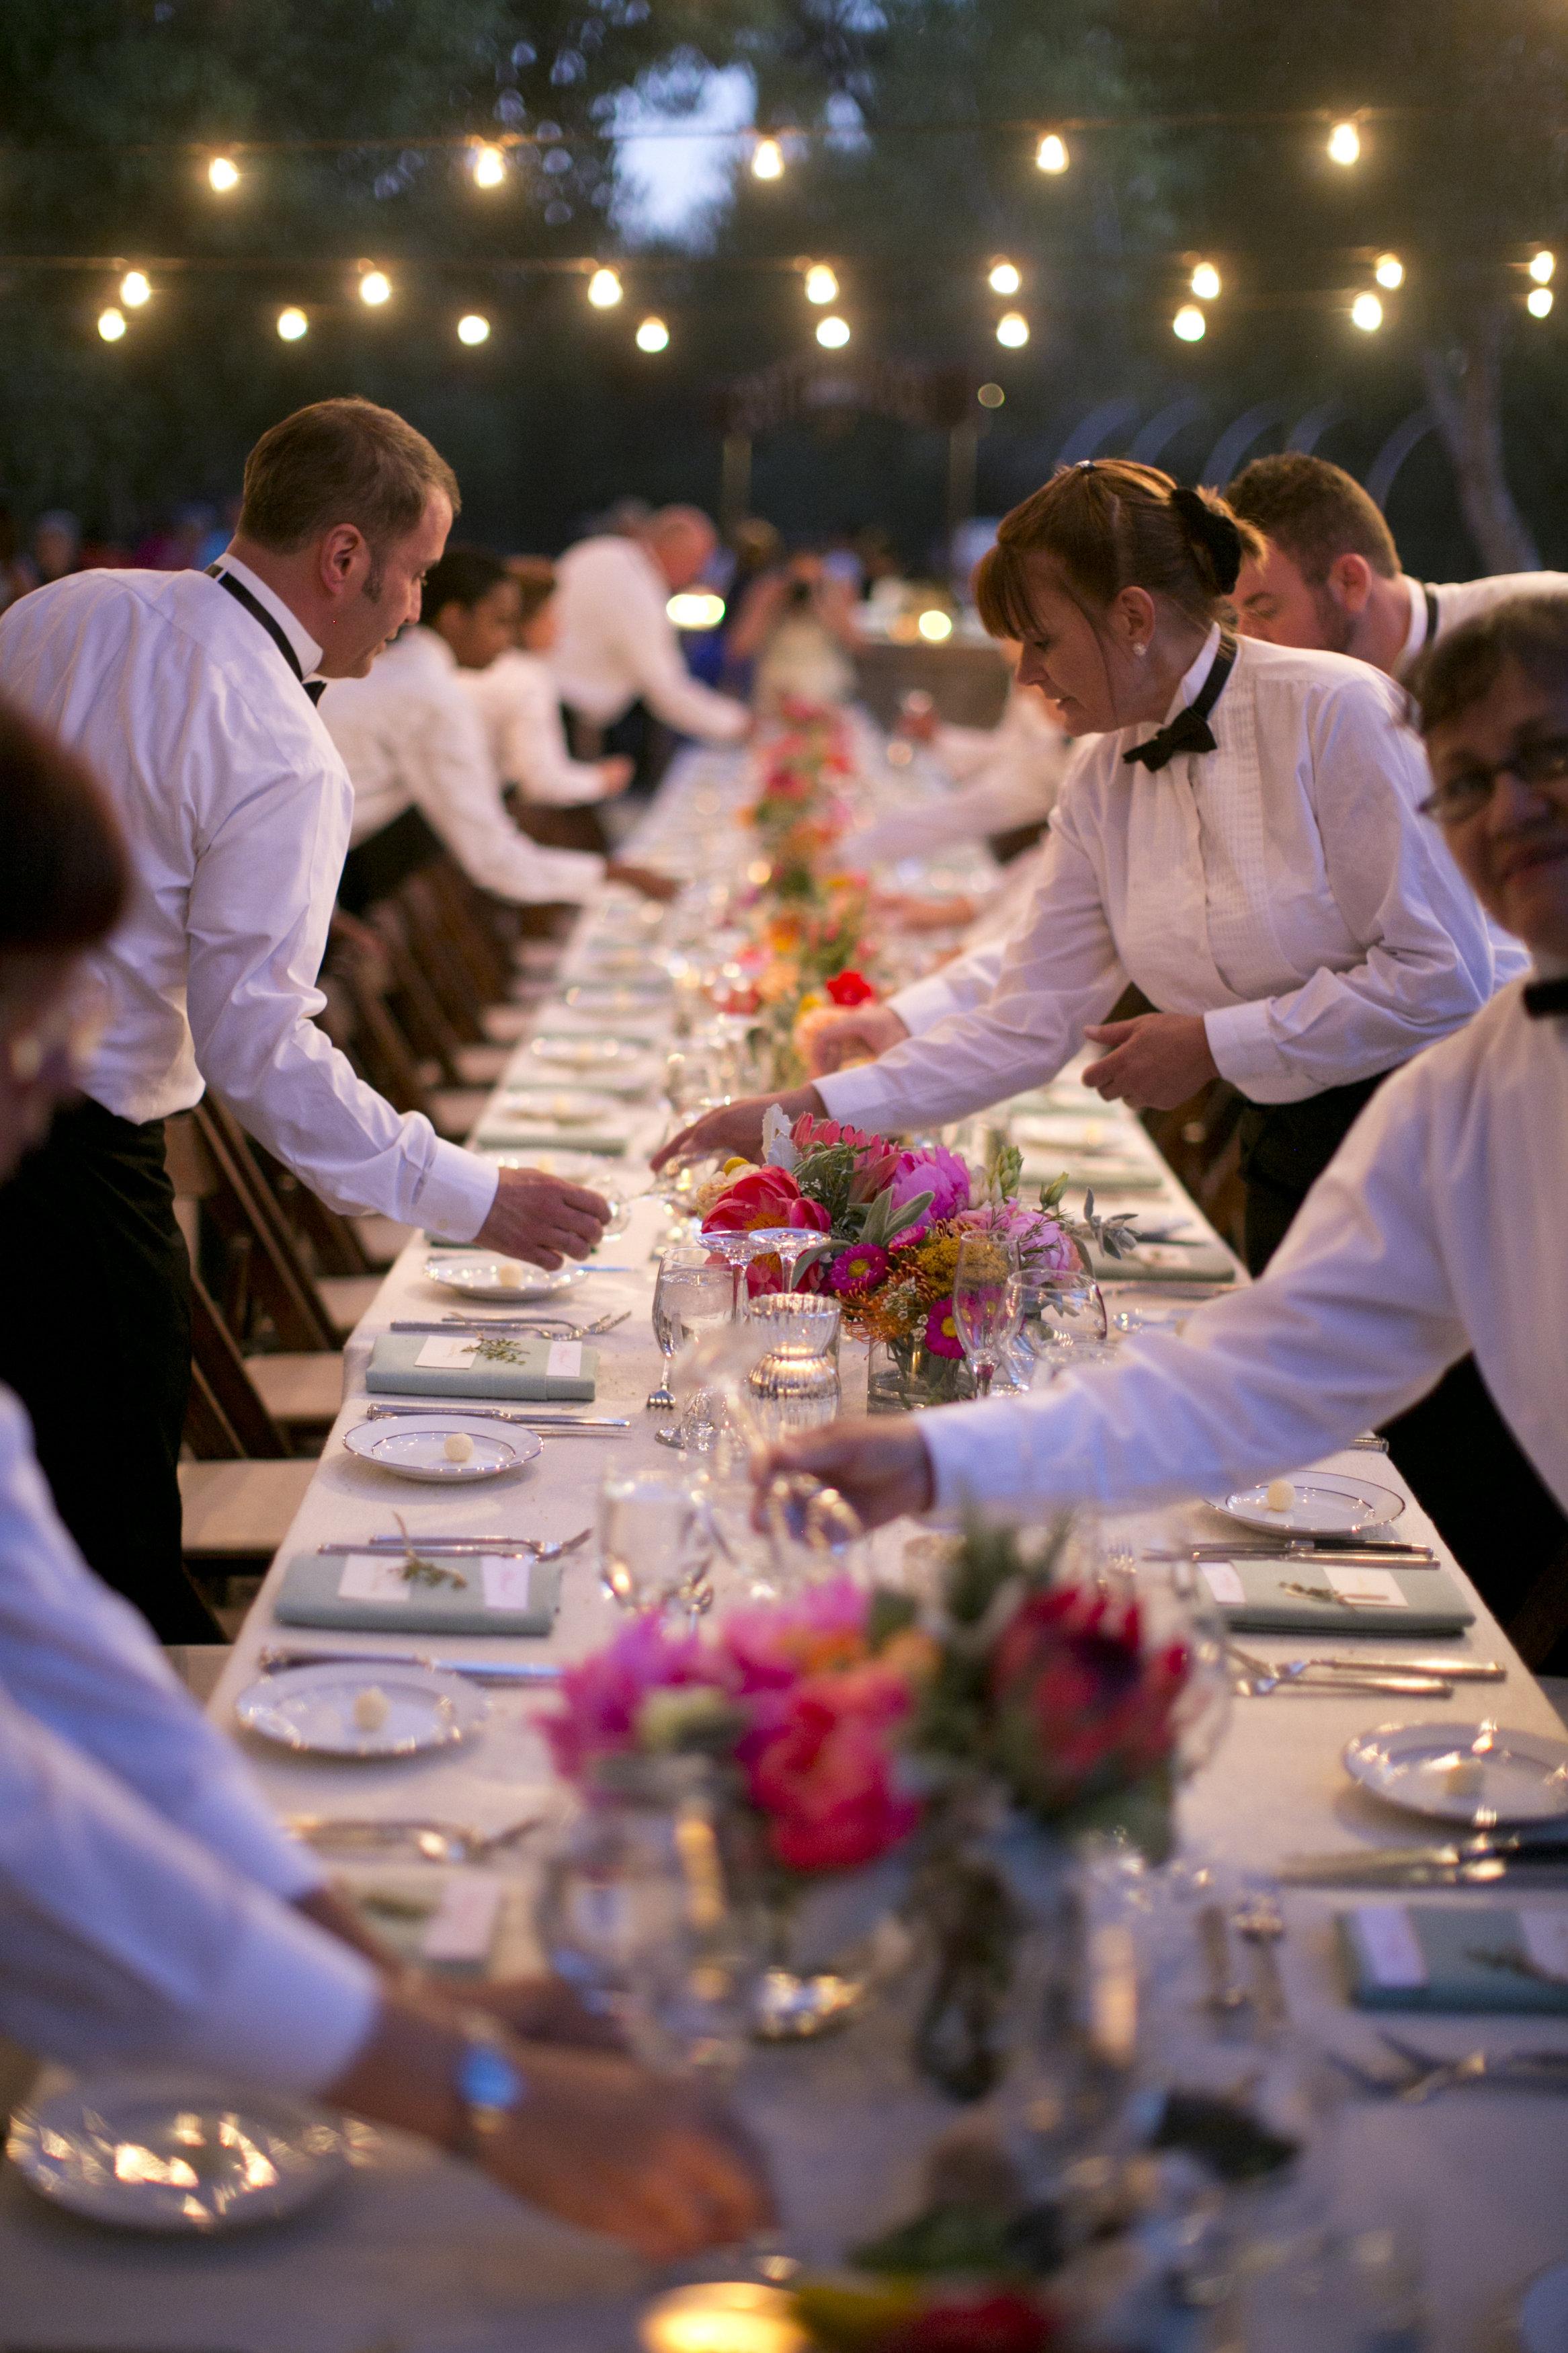 Ceci_New_York_Ceci_Style_Ceci_Johnson_Luxury_Lifestyle_Arizona_Wedding_Watercolor_Inspiration_Design_Custom_Couture_Personalized_Invitations_179.jpg